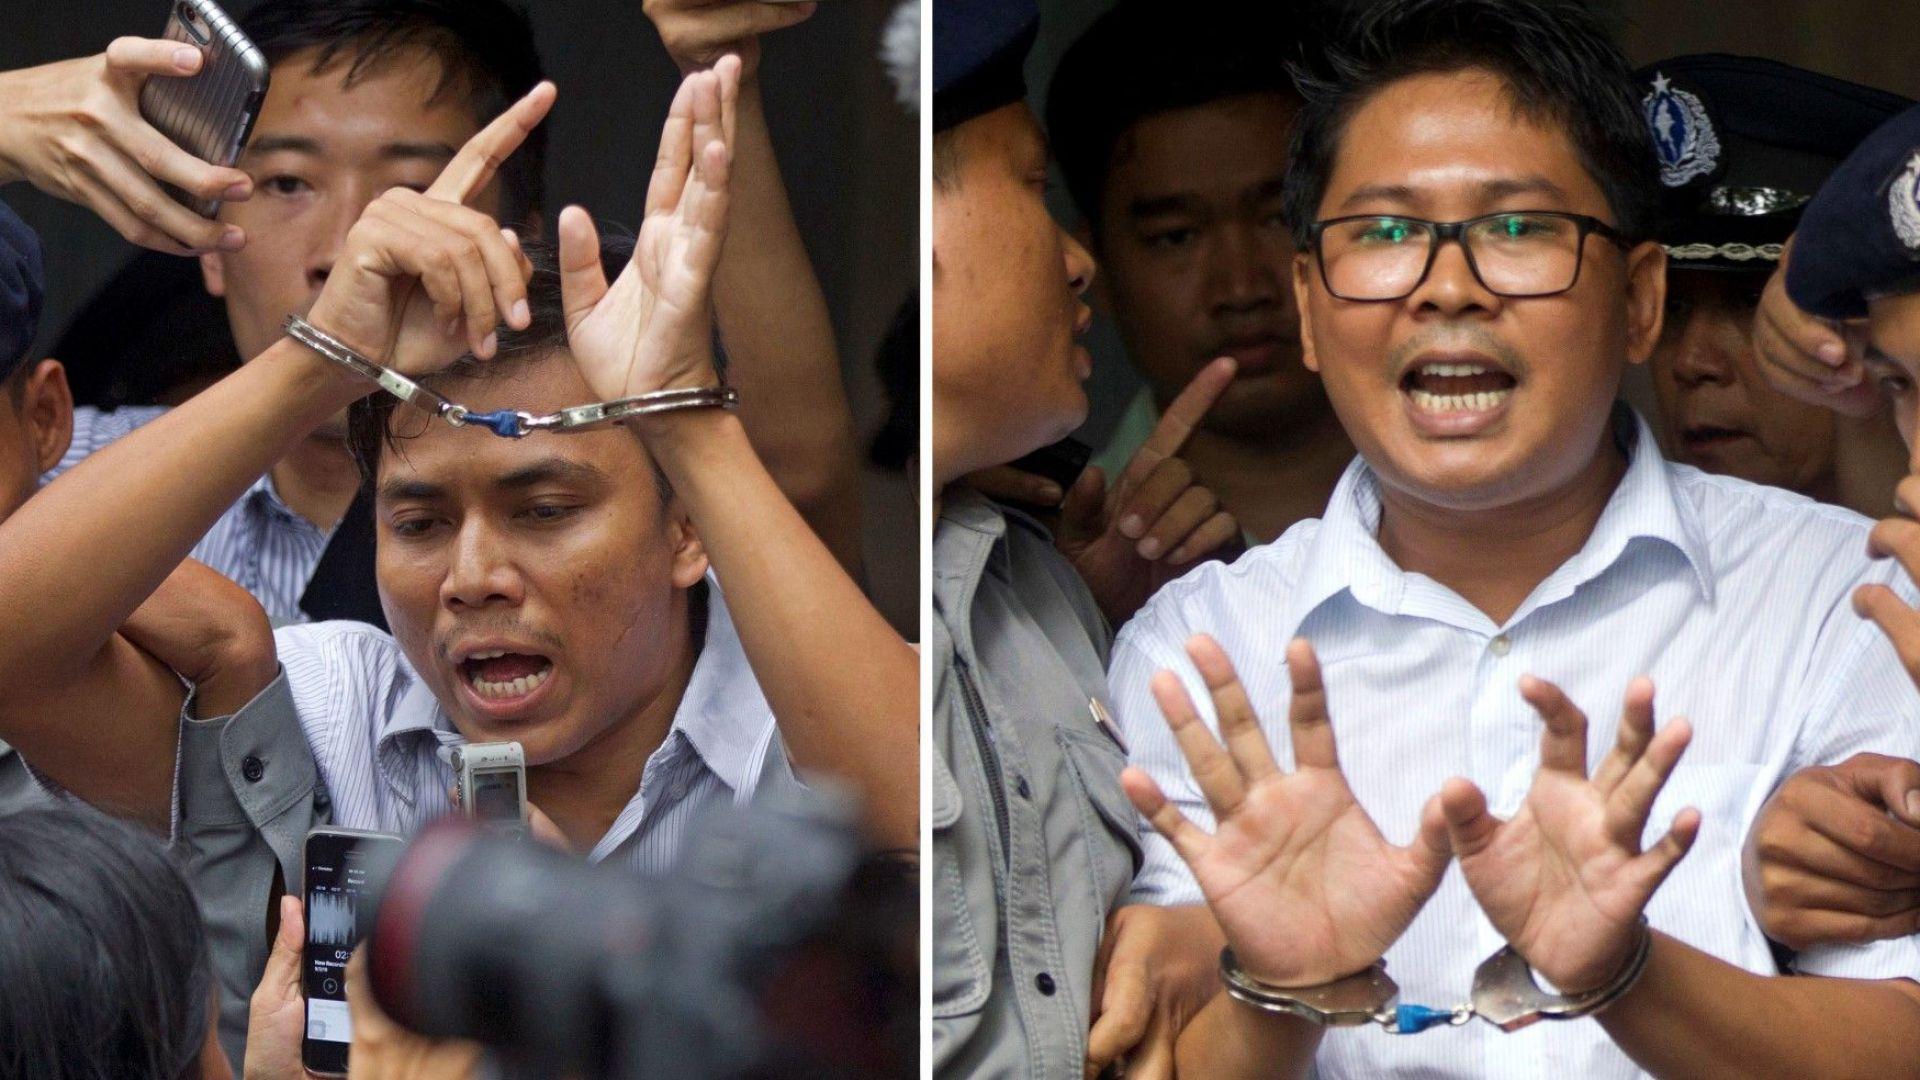 Съд в Мианма постанови присъда от 7 години затвор за